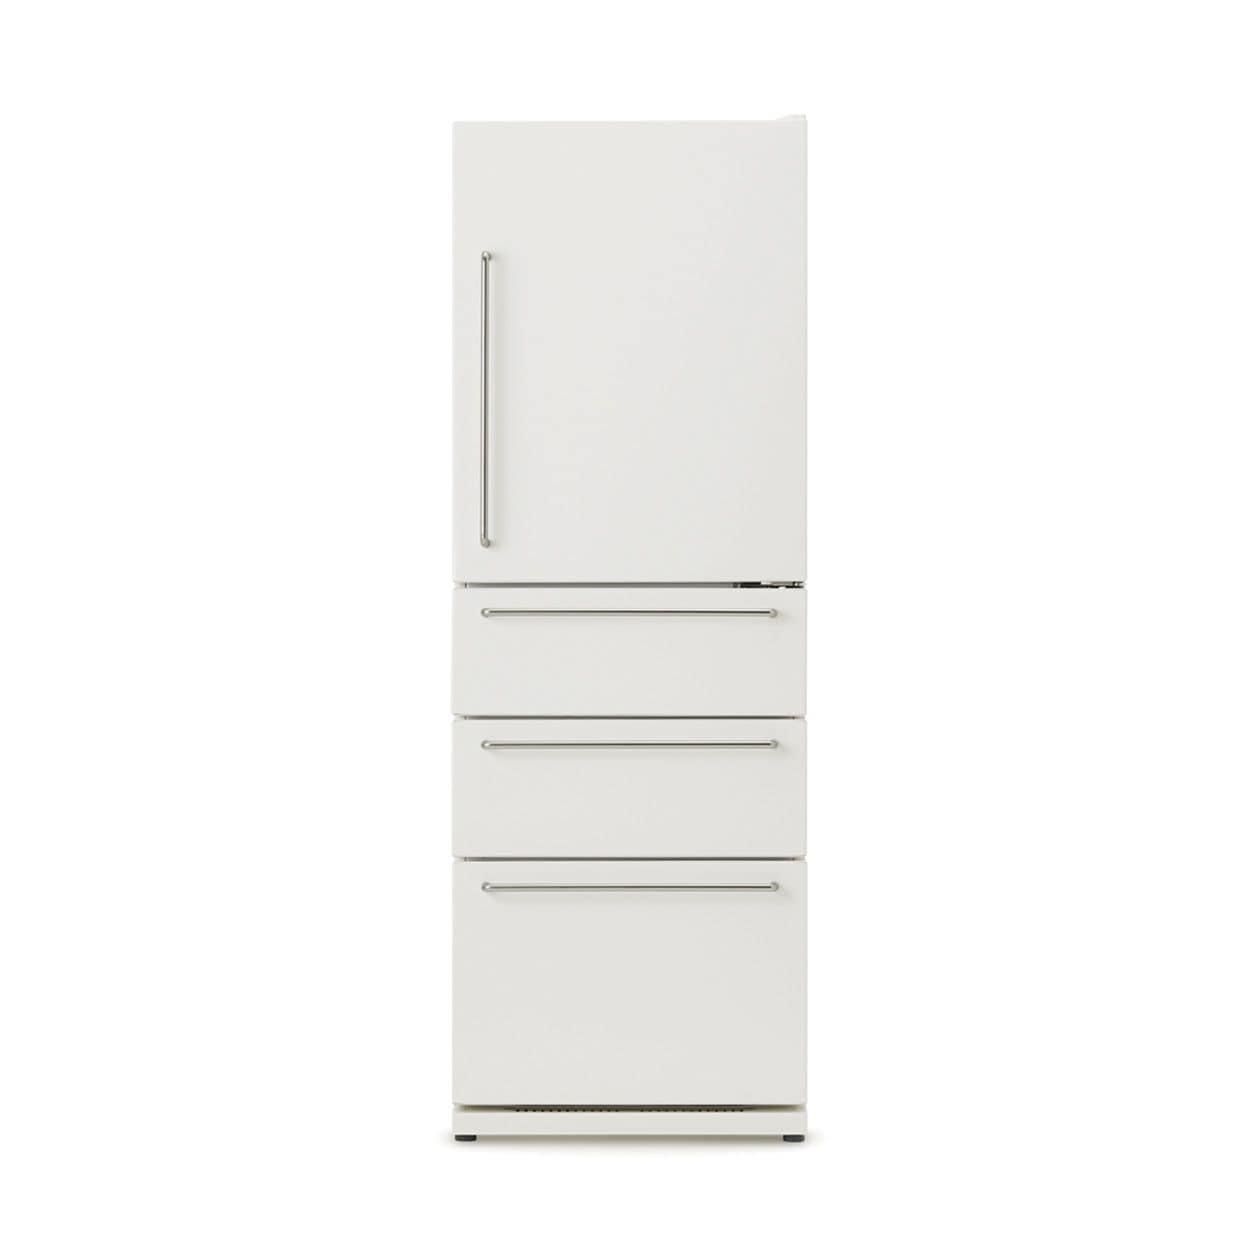 [무인양품] MUJI 주방가전 전기 냉장고・355L 일본 공식스토어 상품